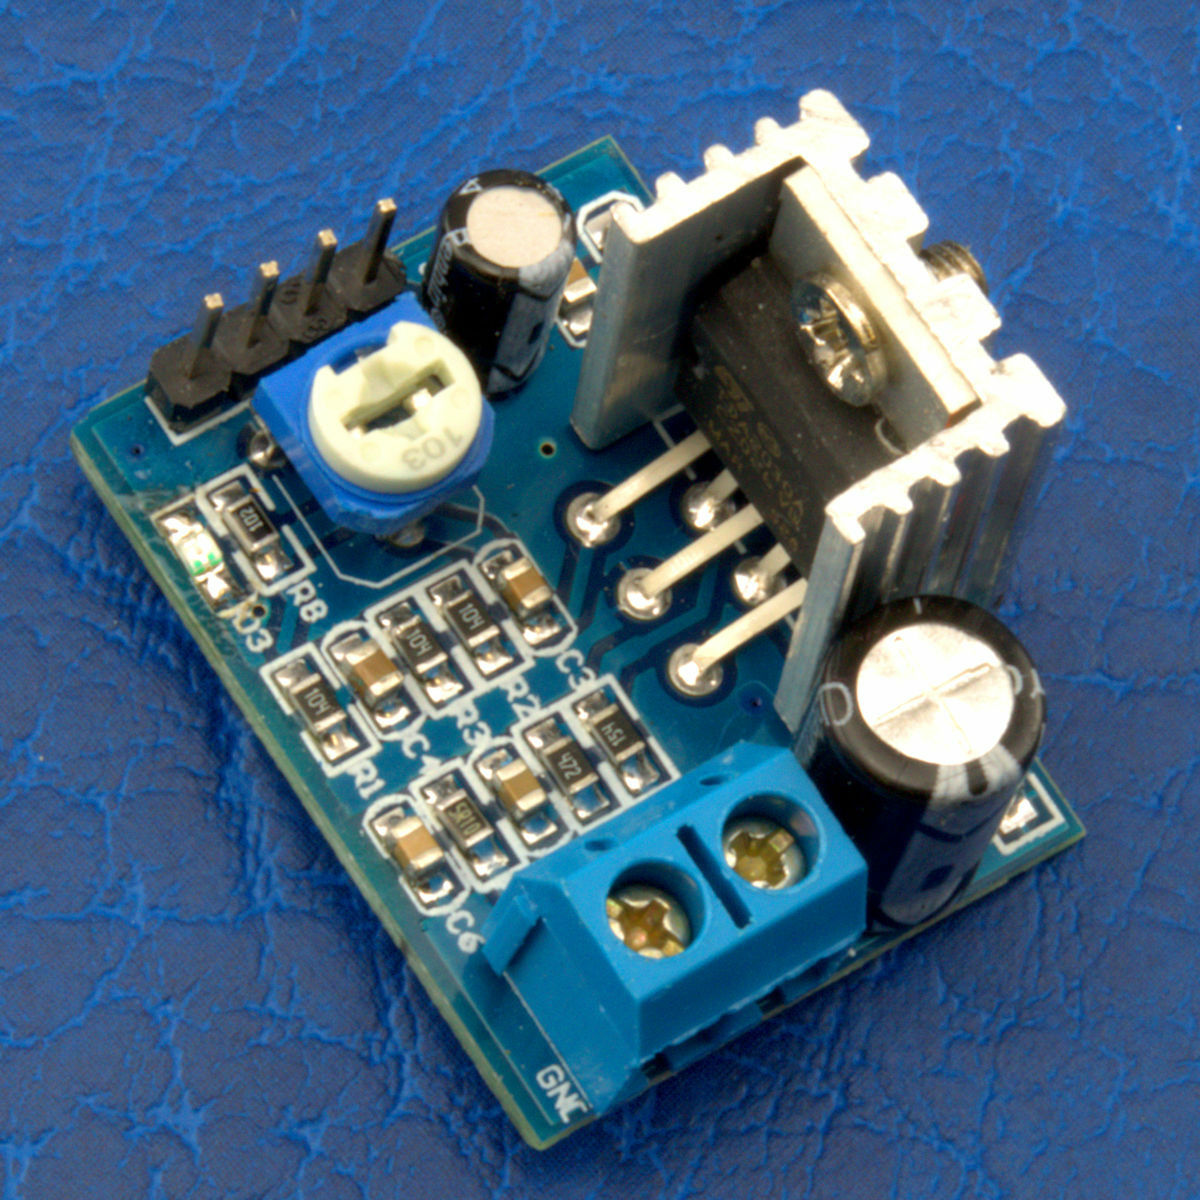 1Stk  6-12V Single Power Supply Audio Amplifier Board Module TDA2030A